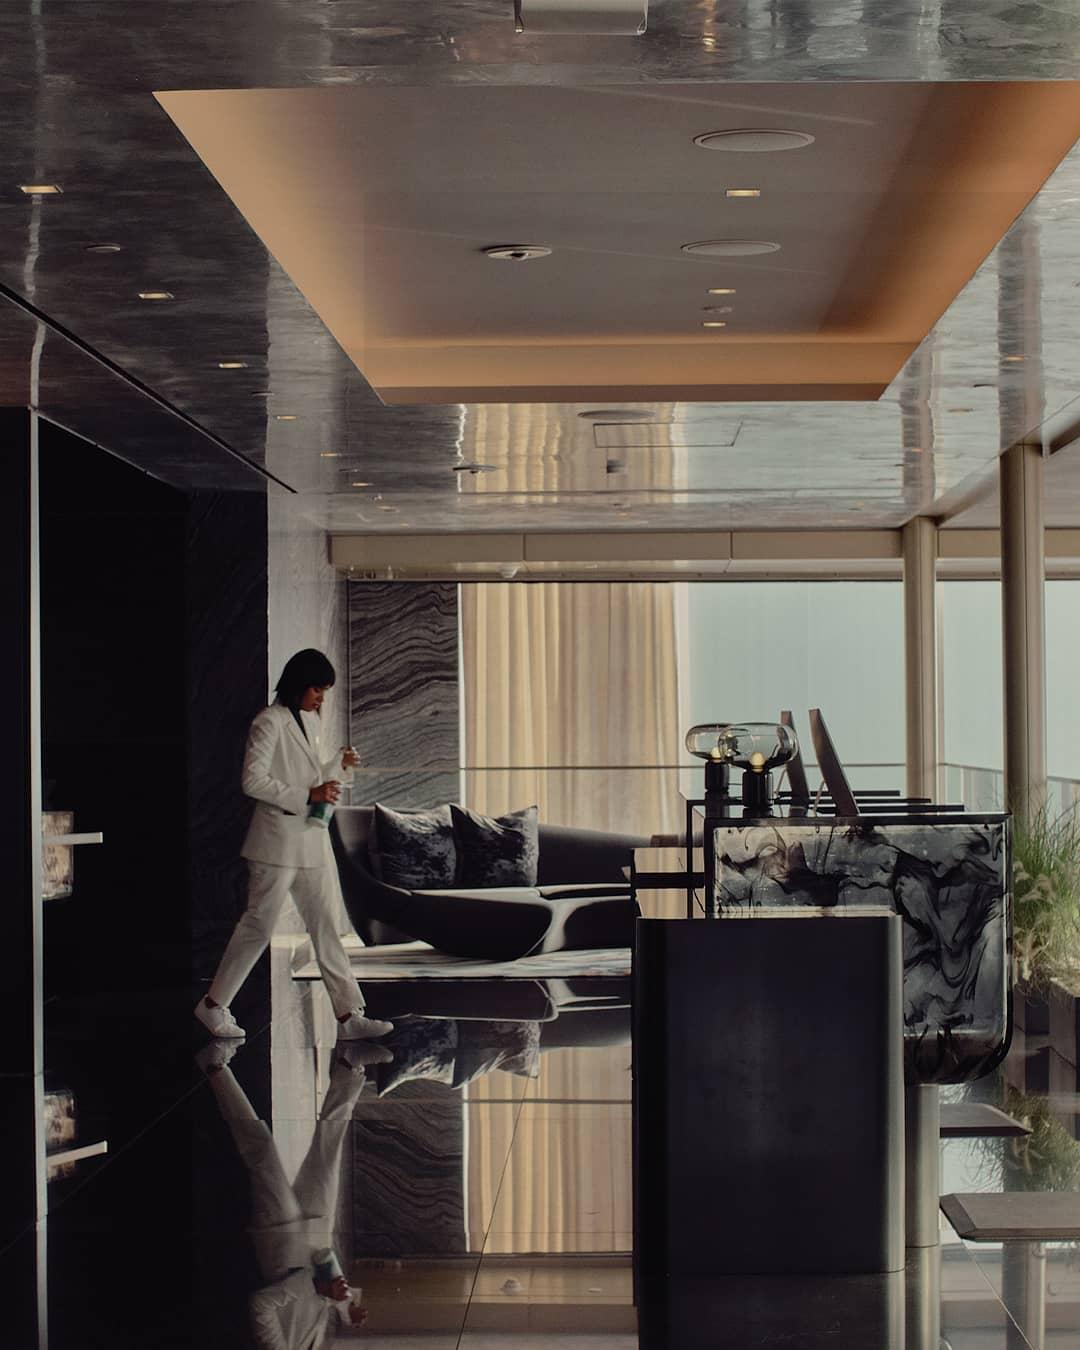 equinox hotel inside